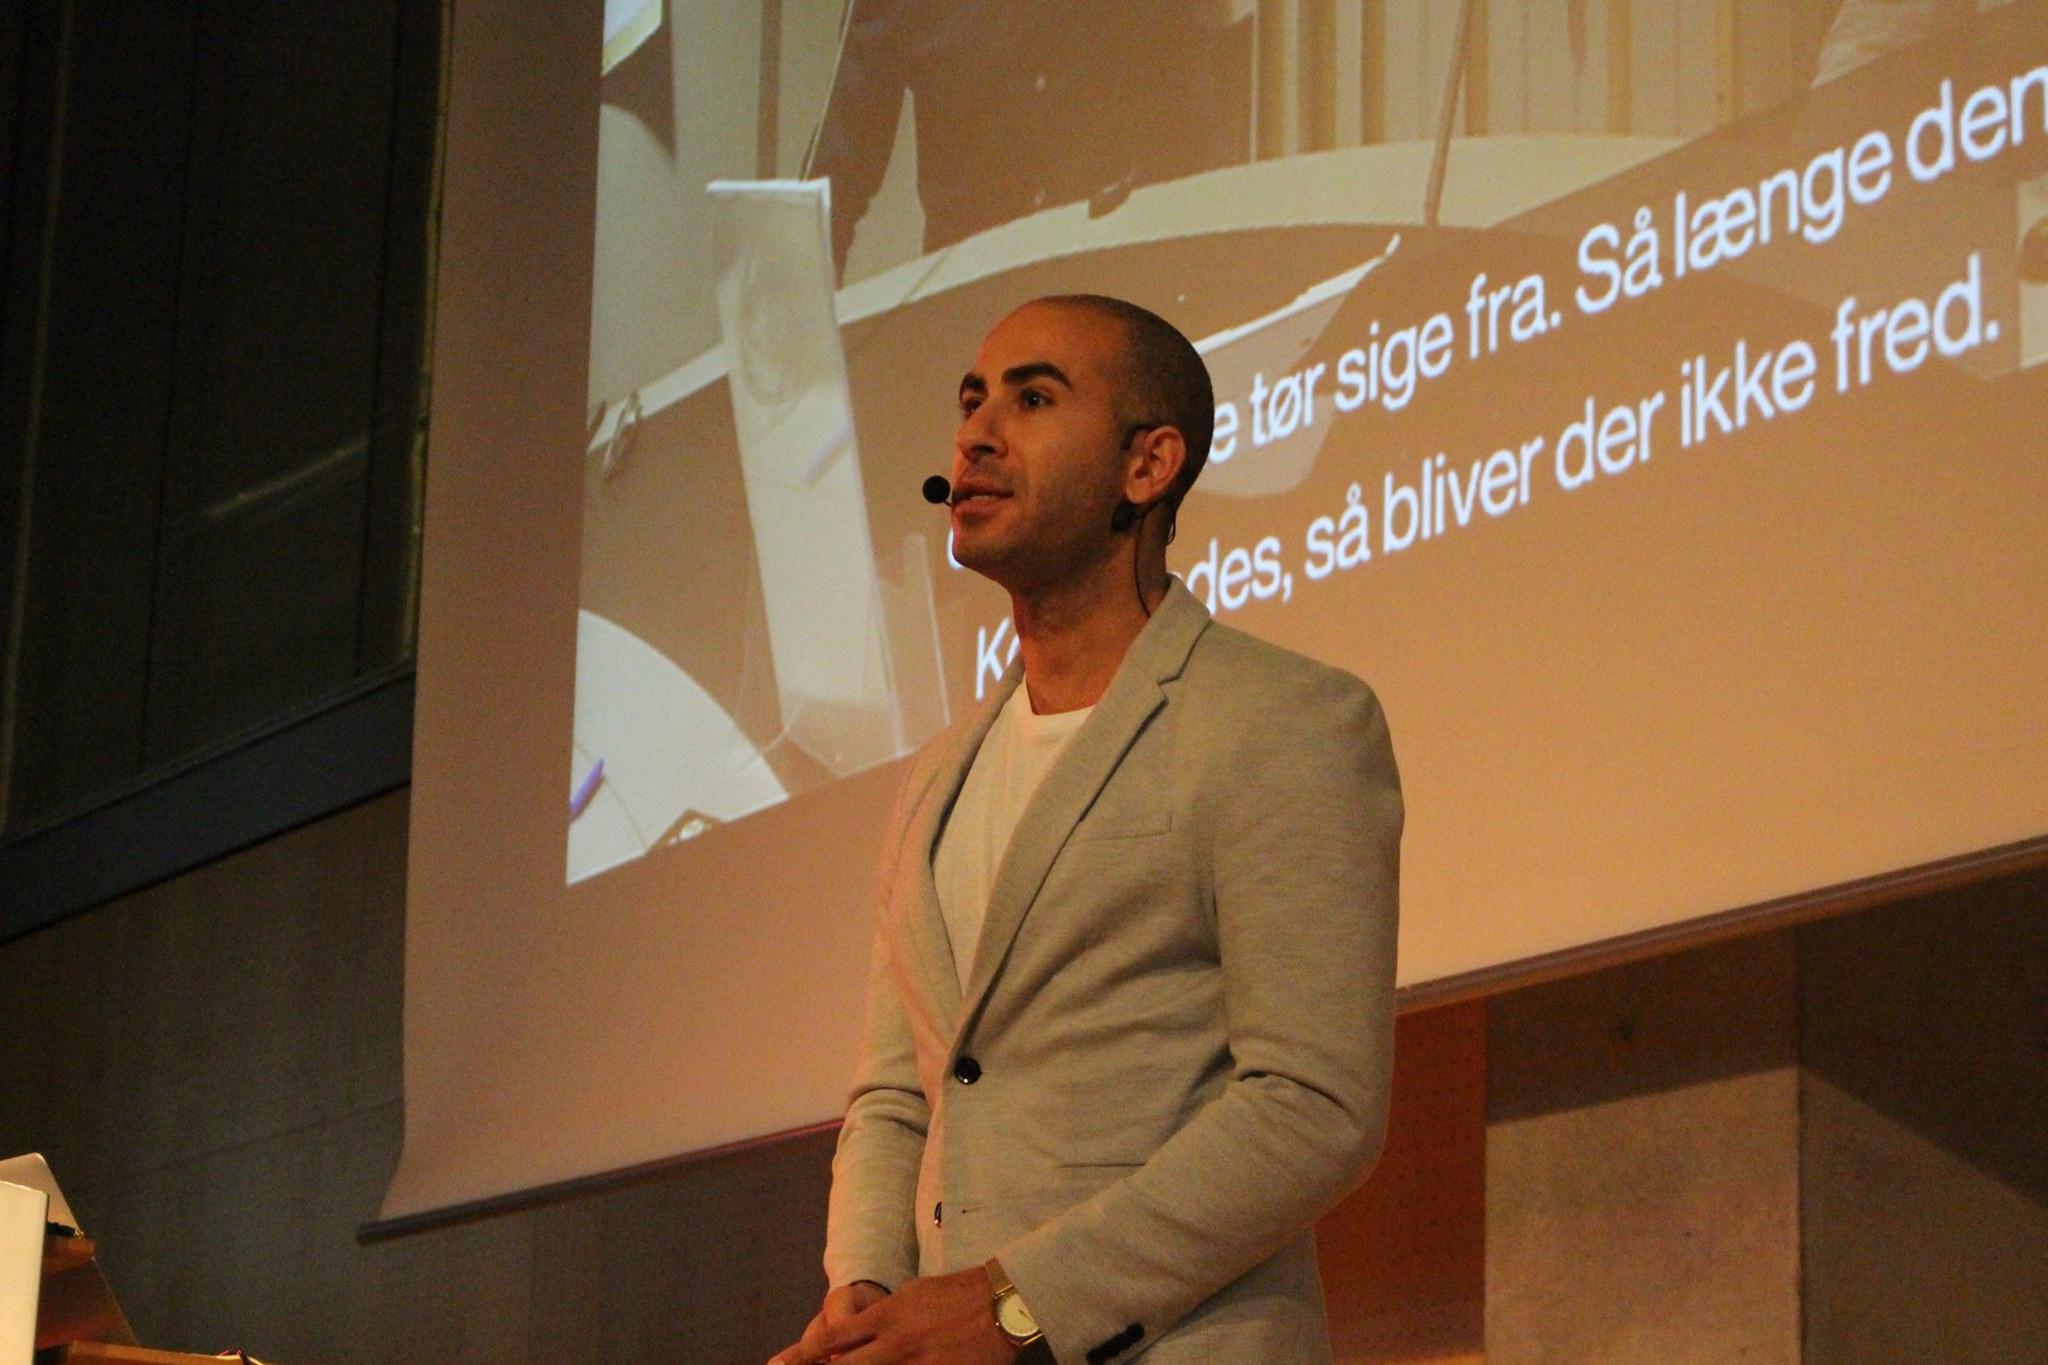 Foto af Abdel Aziz Mahmoud der taler i aulaen.